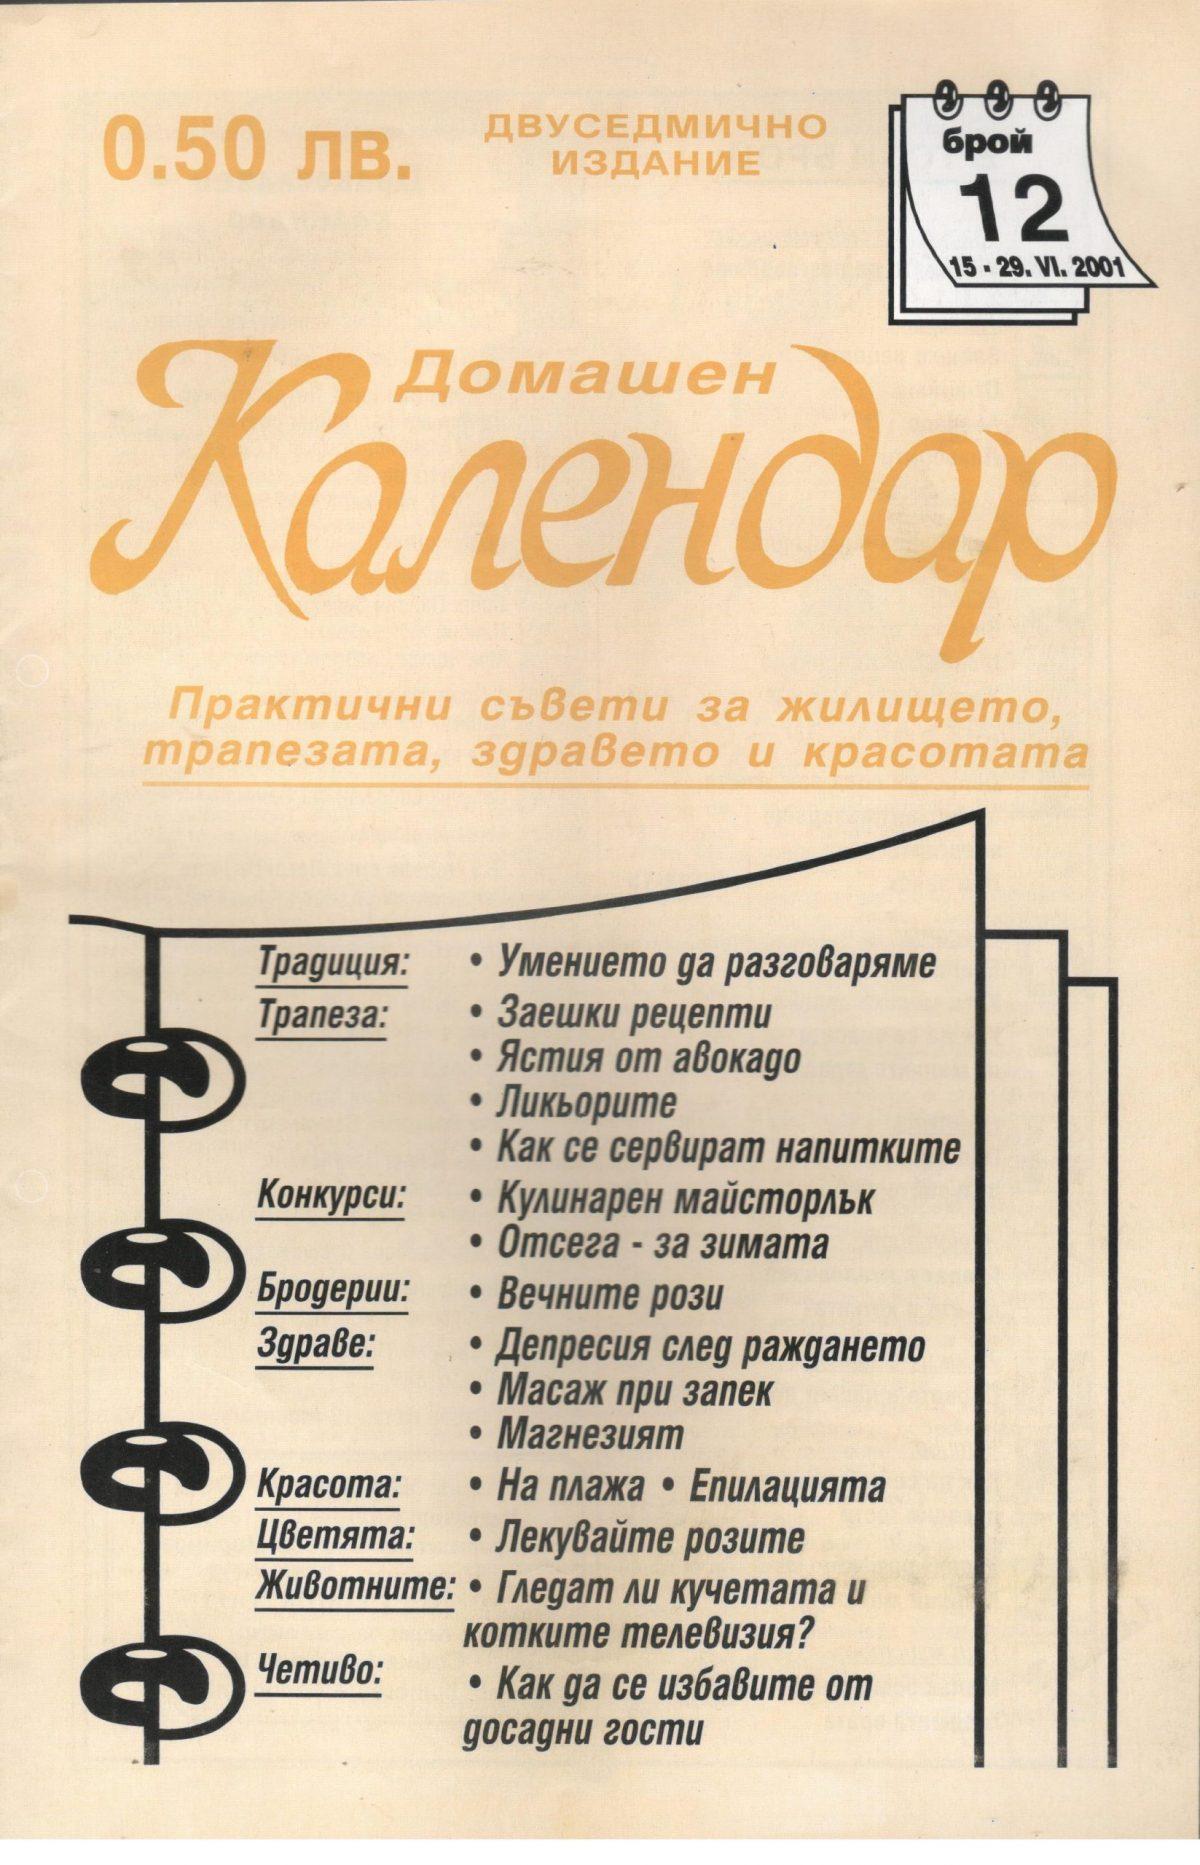 Домашен календар 2001 12